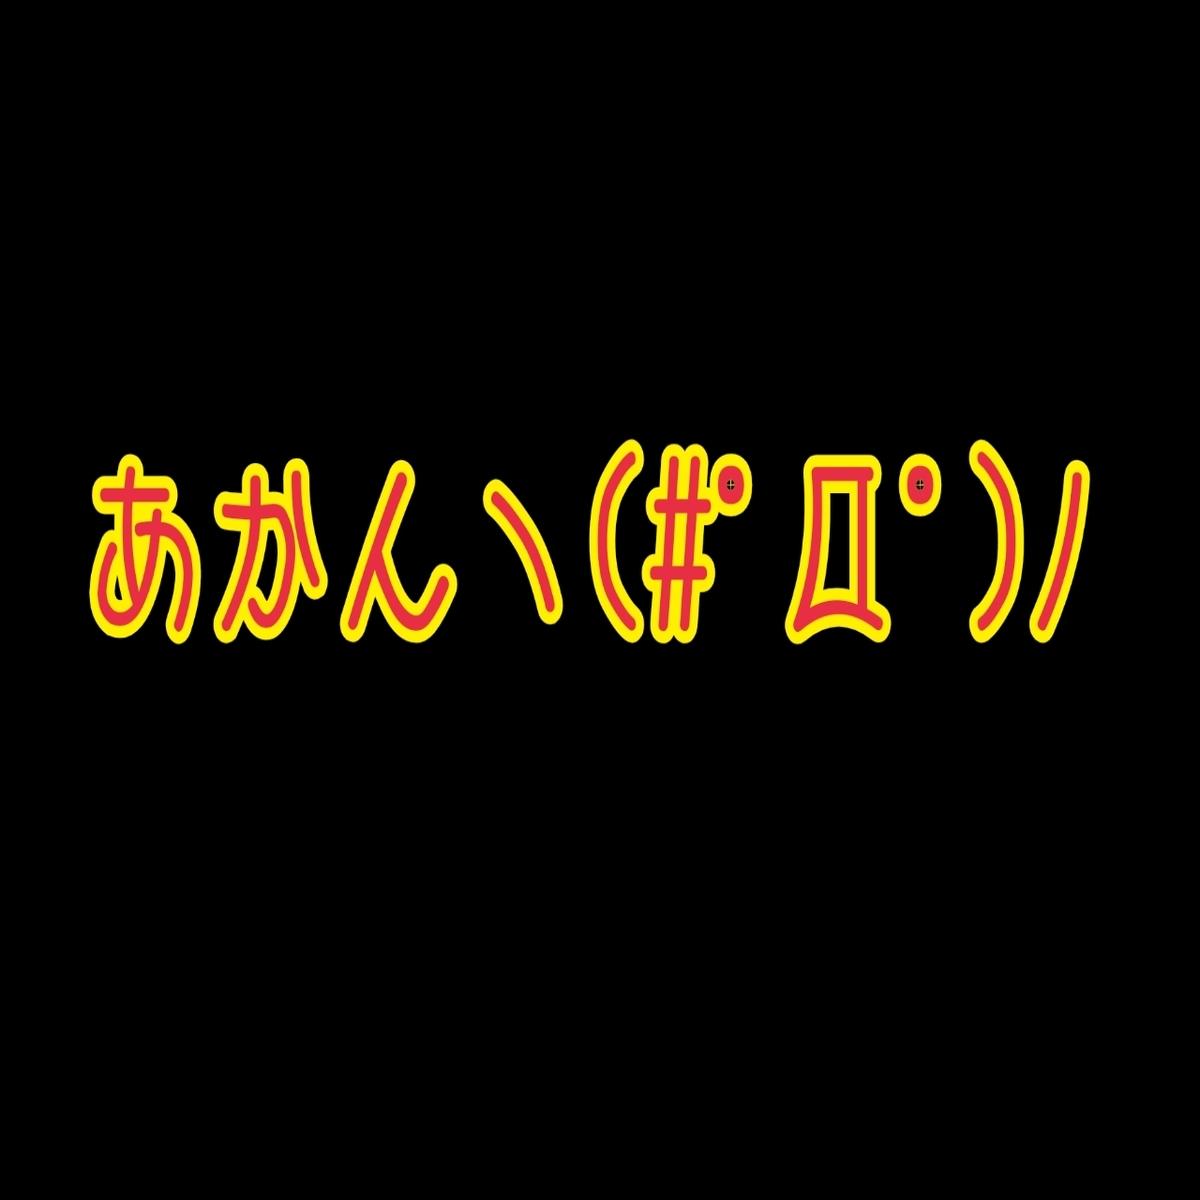 f:id:shinchinotjou:20191119142445j:plain